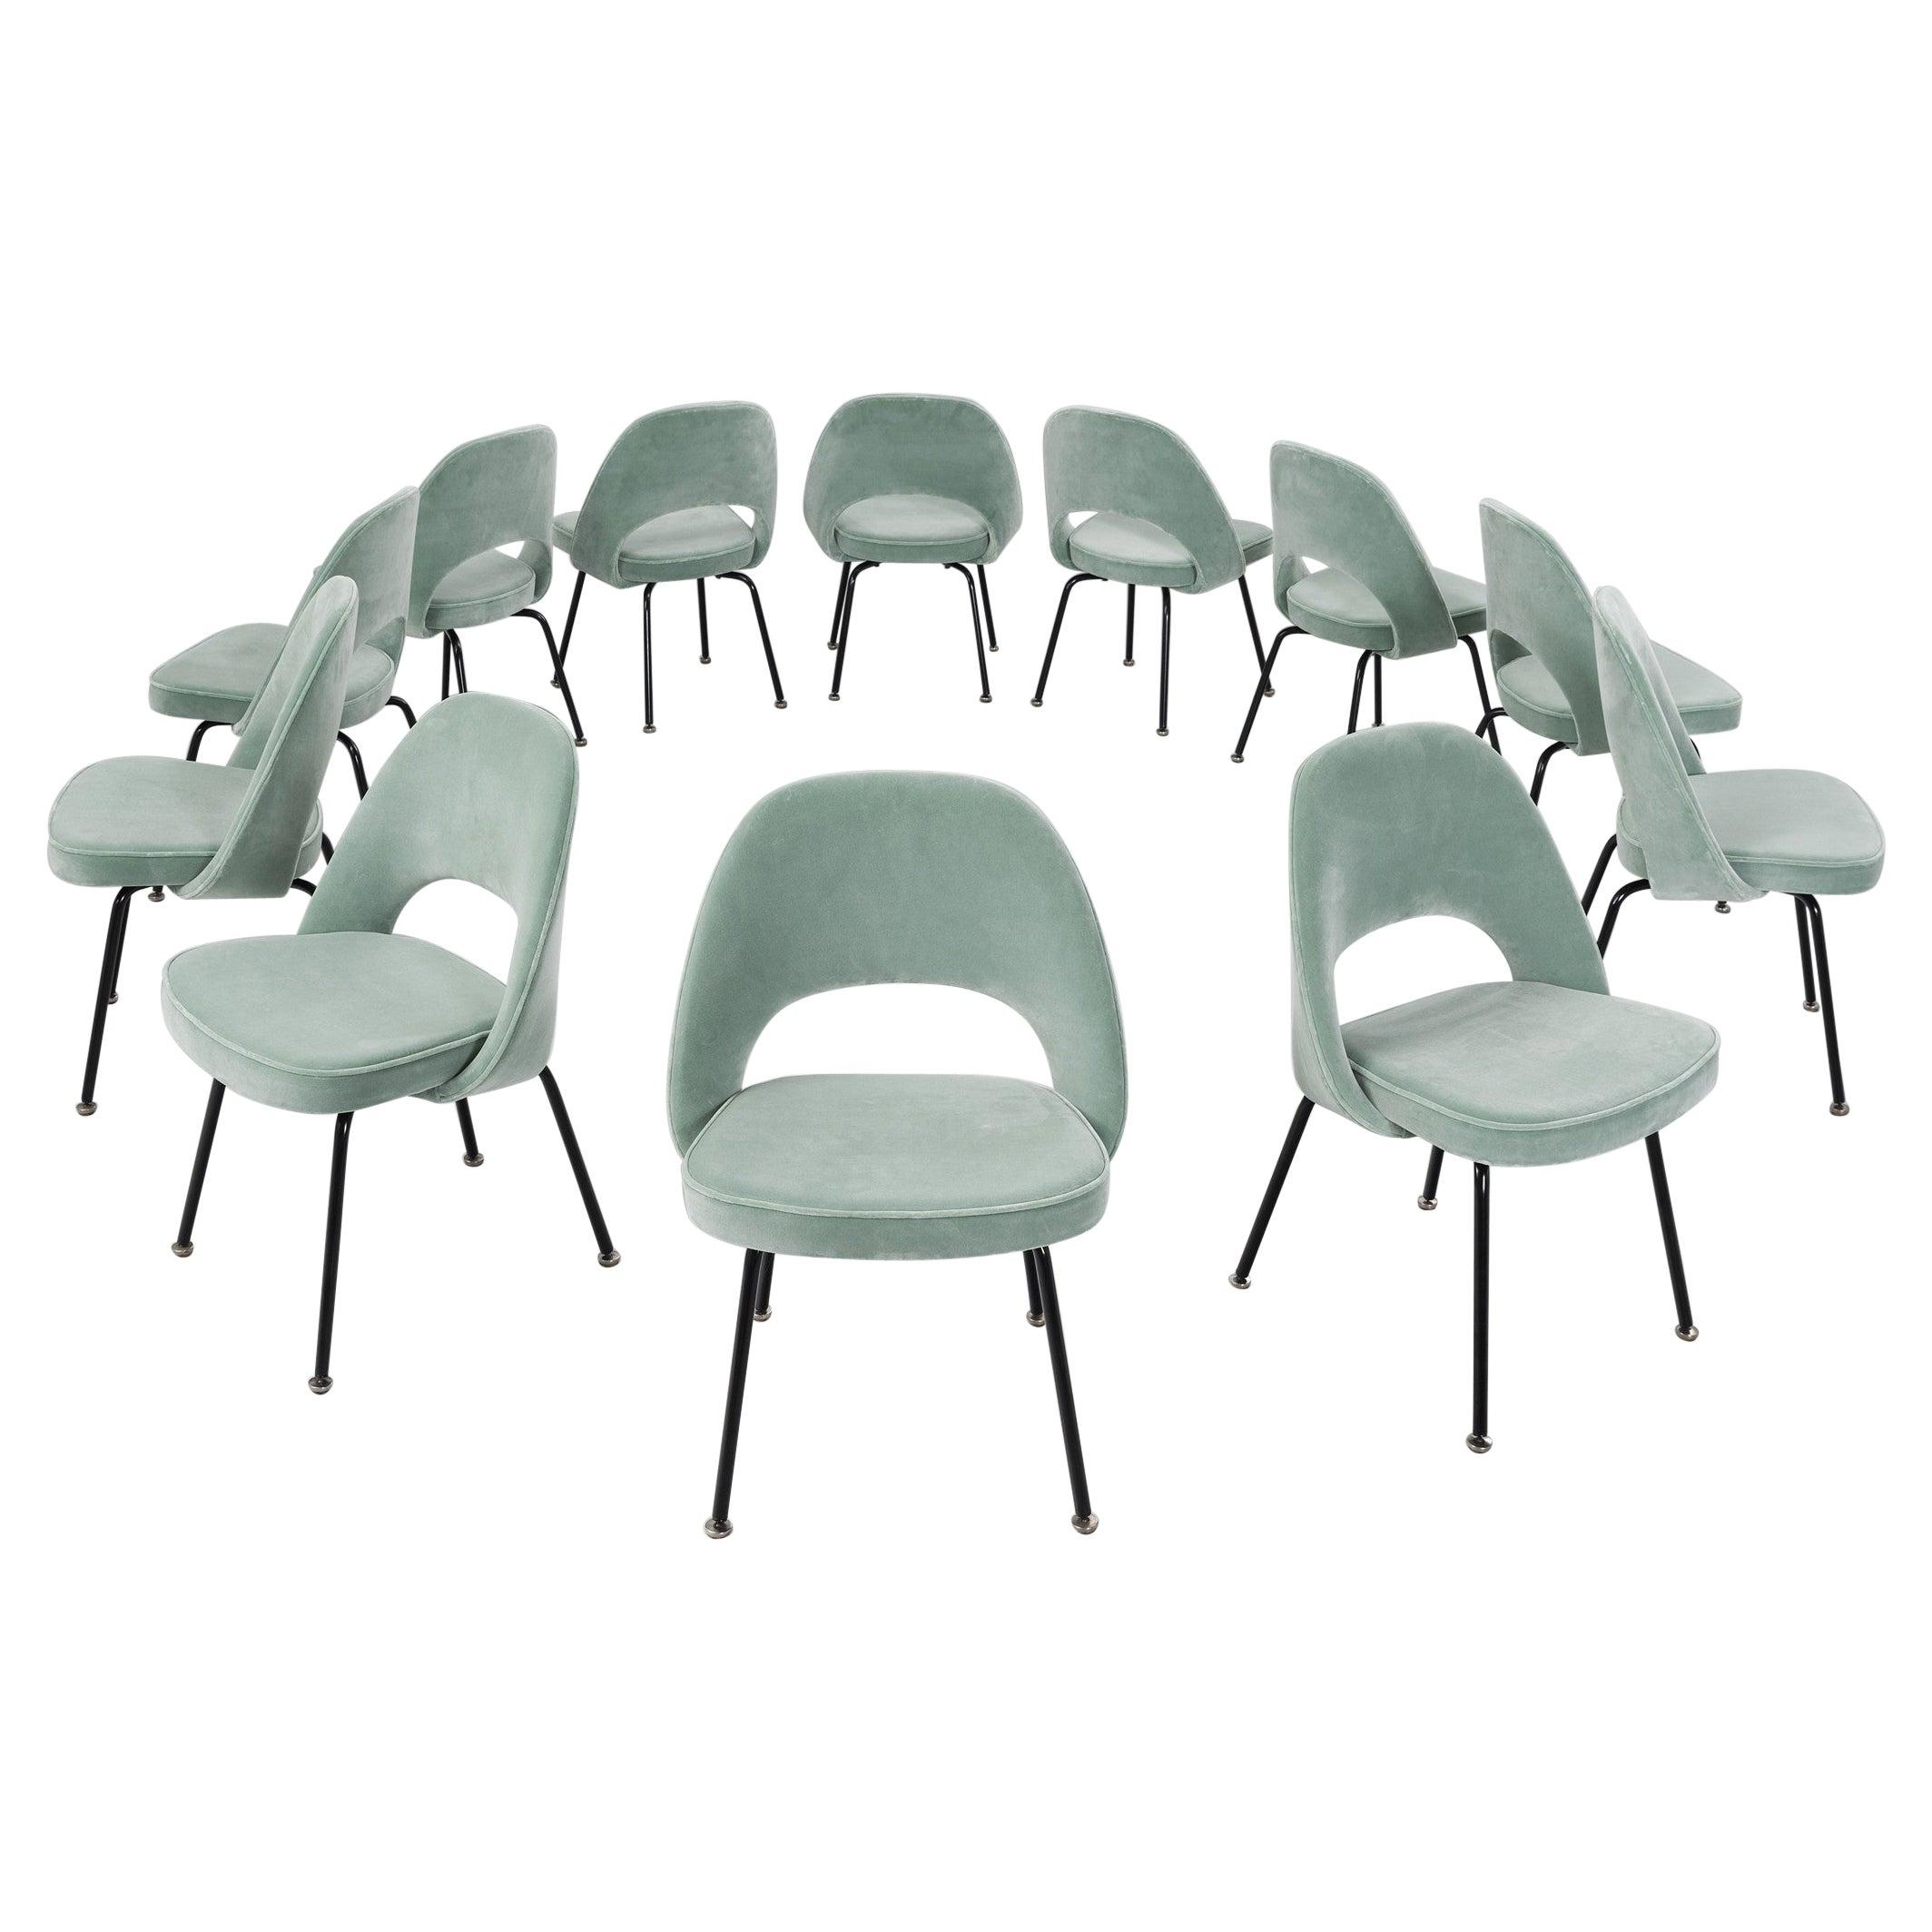 Eero Saarinen for Knoll International Dining Chairs